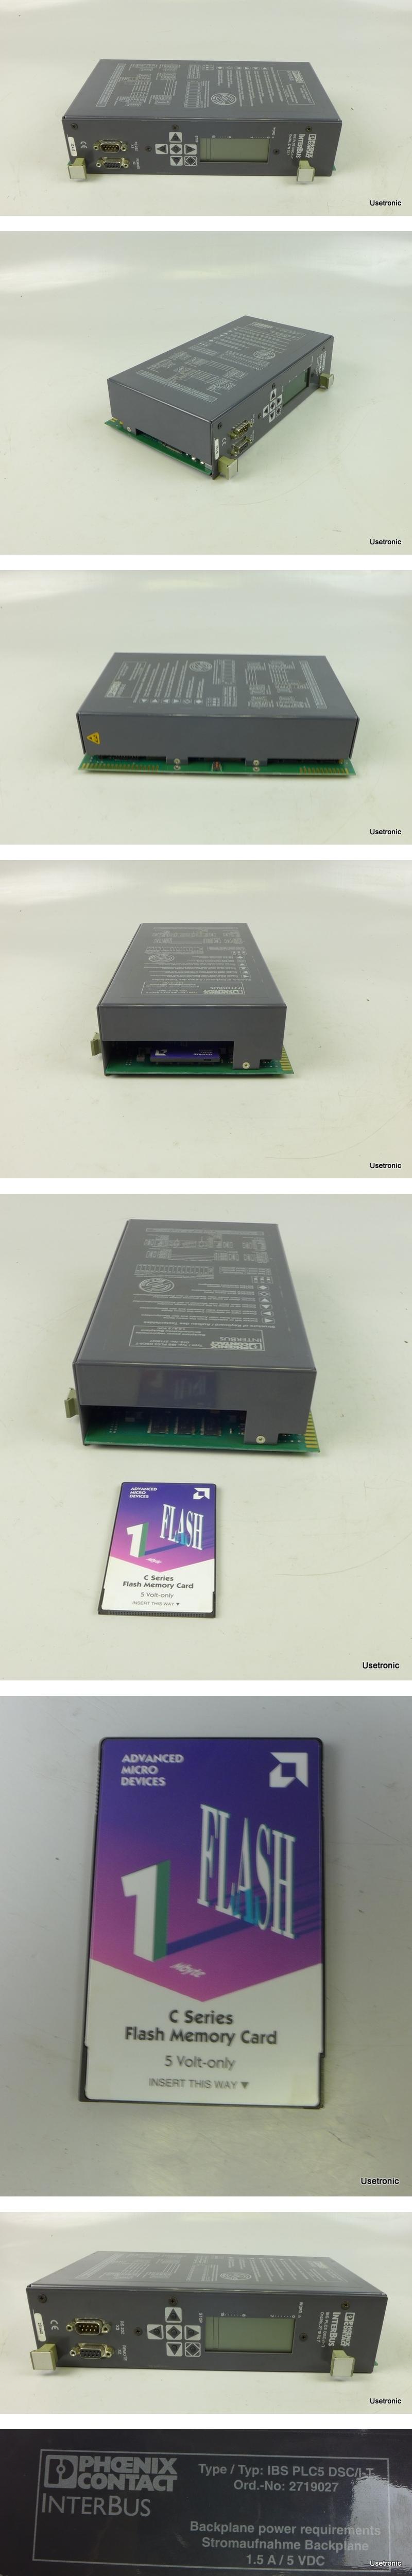 Phoenix Contact IBS PLC5 DSC/I-T